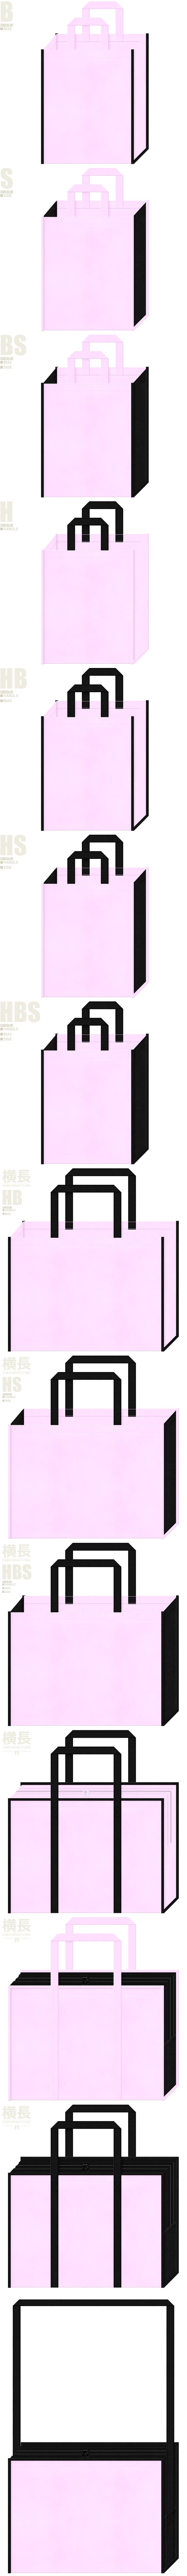 ユニフォーム・運動靴・アウトドア・スポーツイベント・ゴスロリ・猫・フラミンゴ・バタフライ・コウモリ・占い・魔女・魔法使い・ウィッグ・コスプレ・ガーリーデザインにお奨めの不織布バッグデザイン:パステルピンク色と黒色の配色11パターン